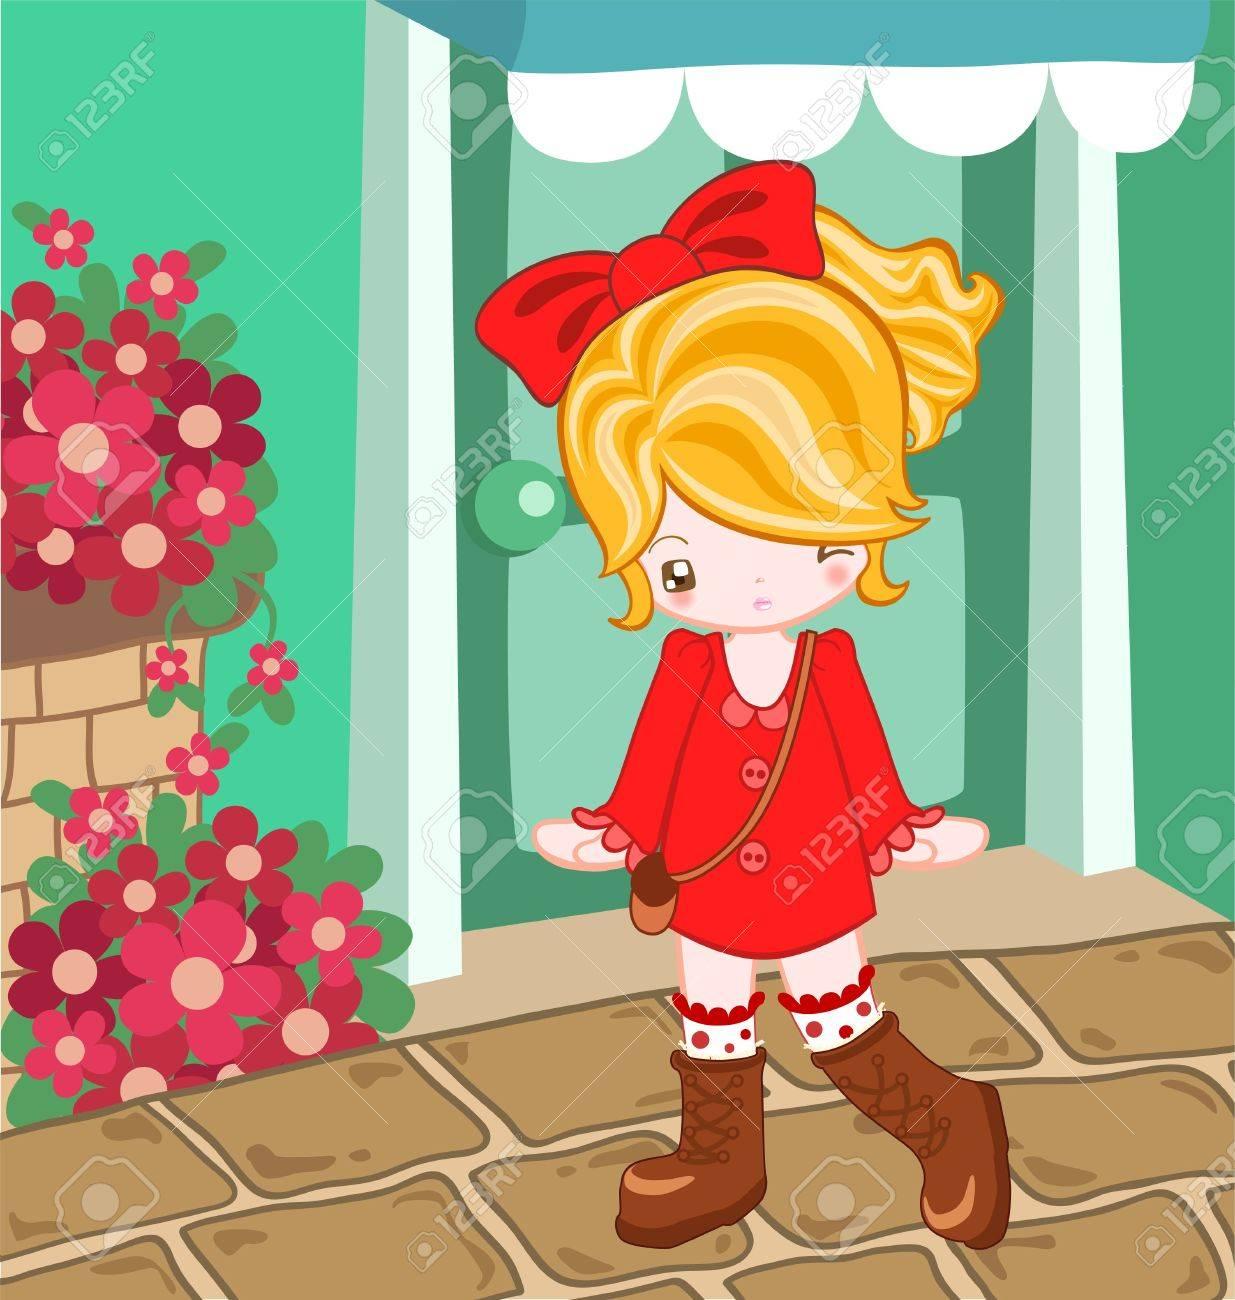 赤いドレスでドレスアップかわいい女の子のイラスト